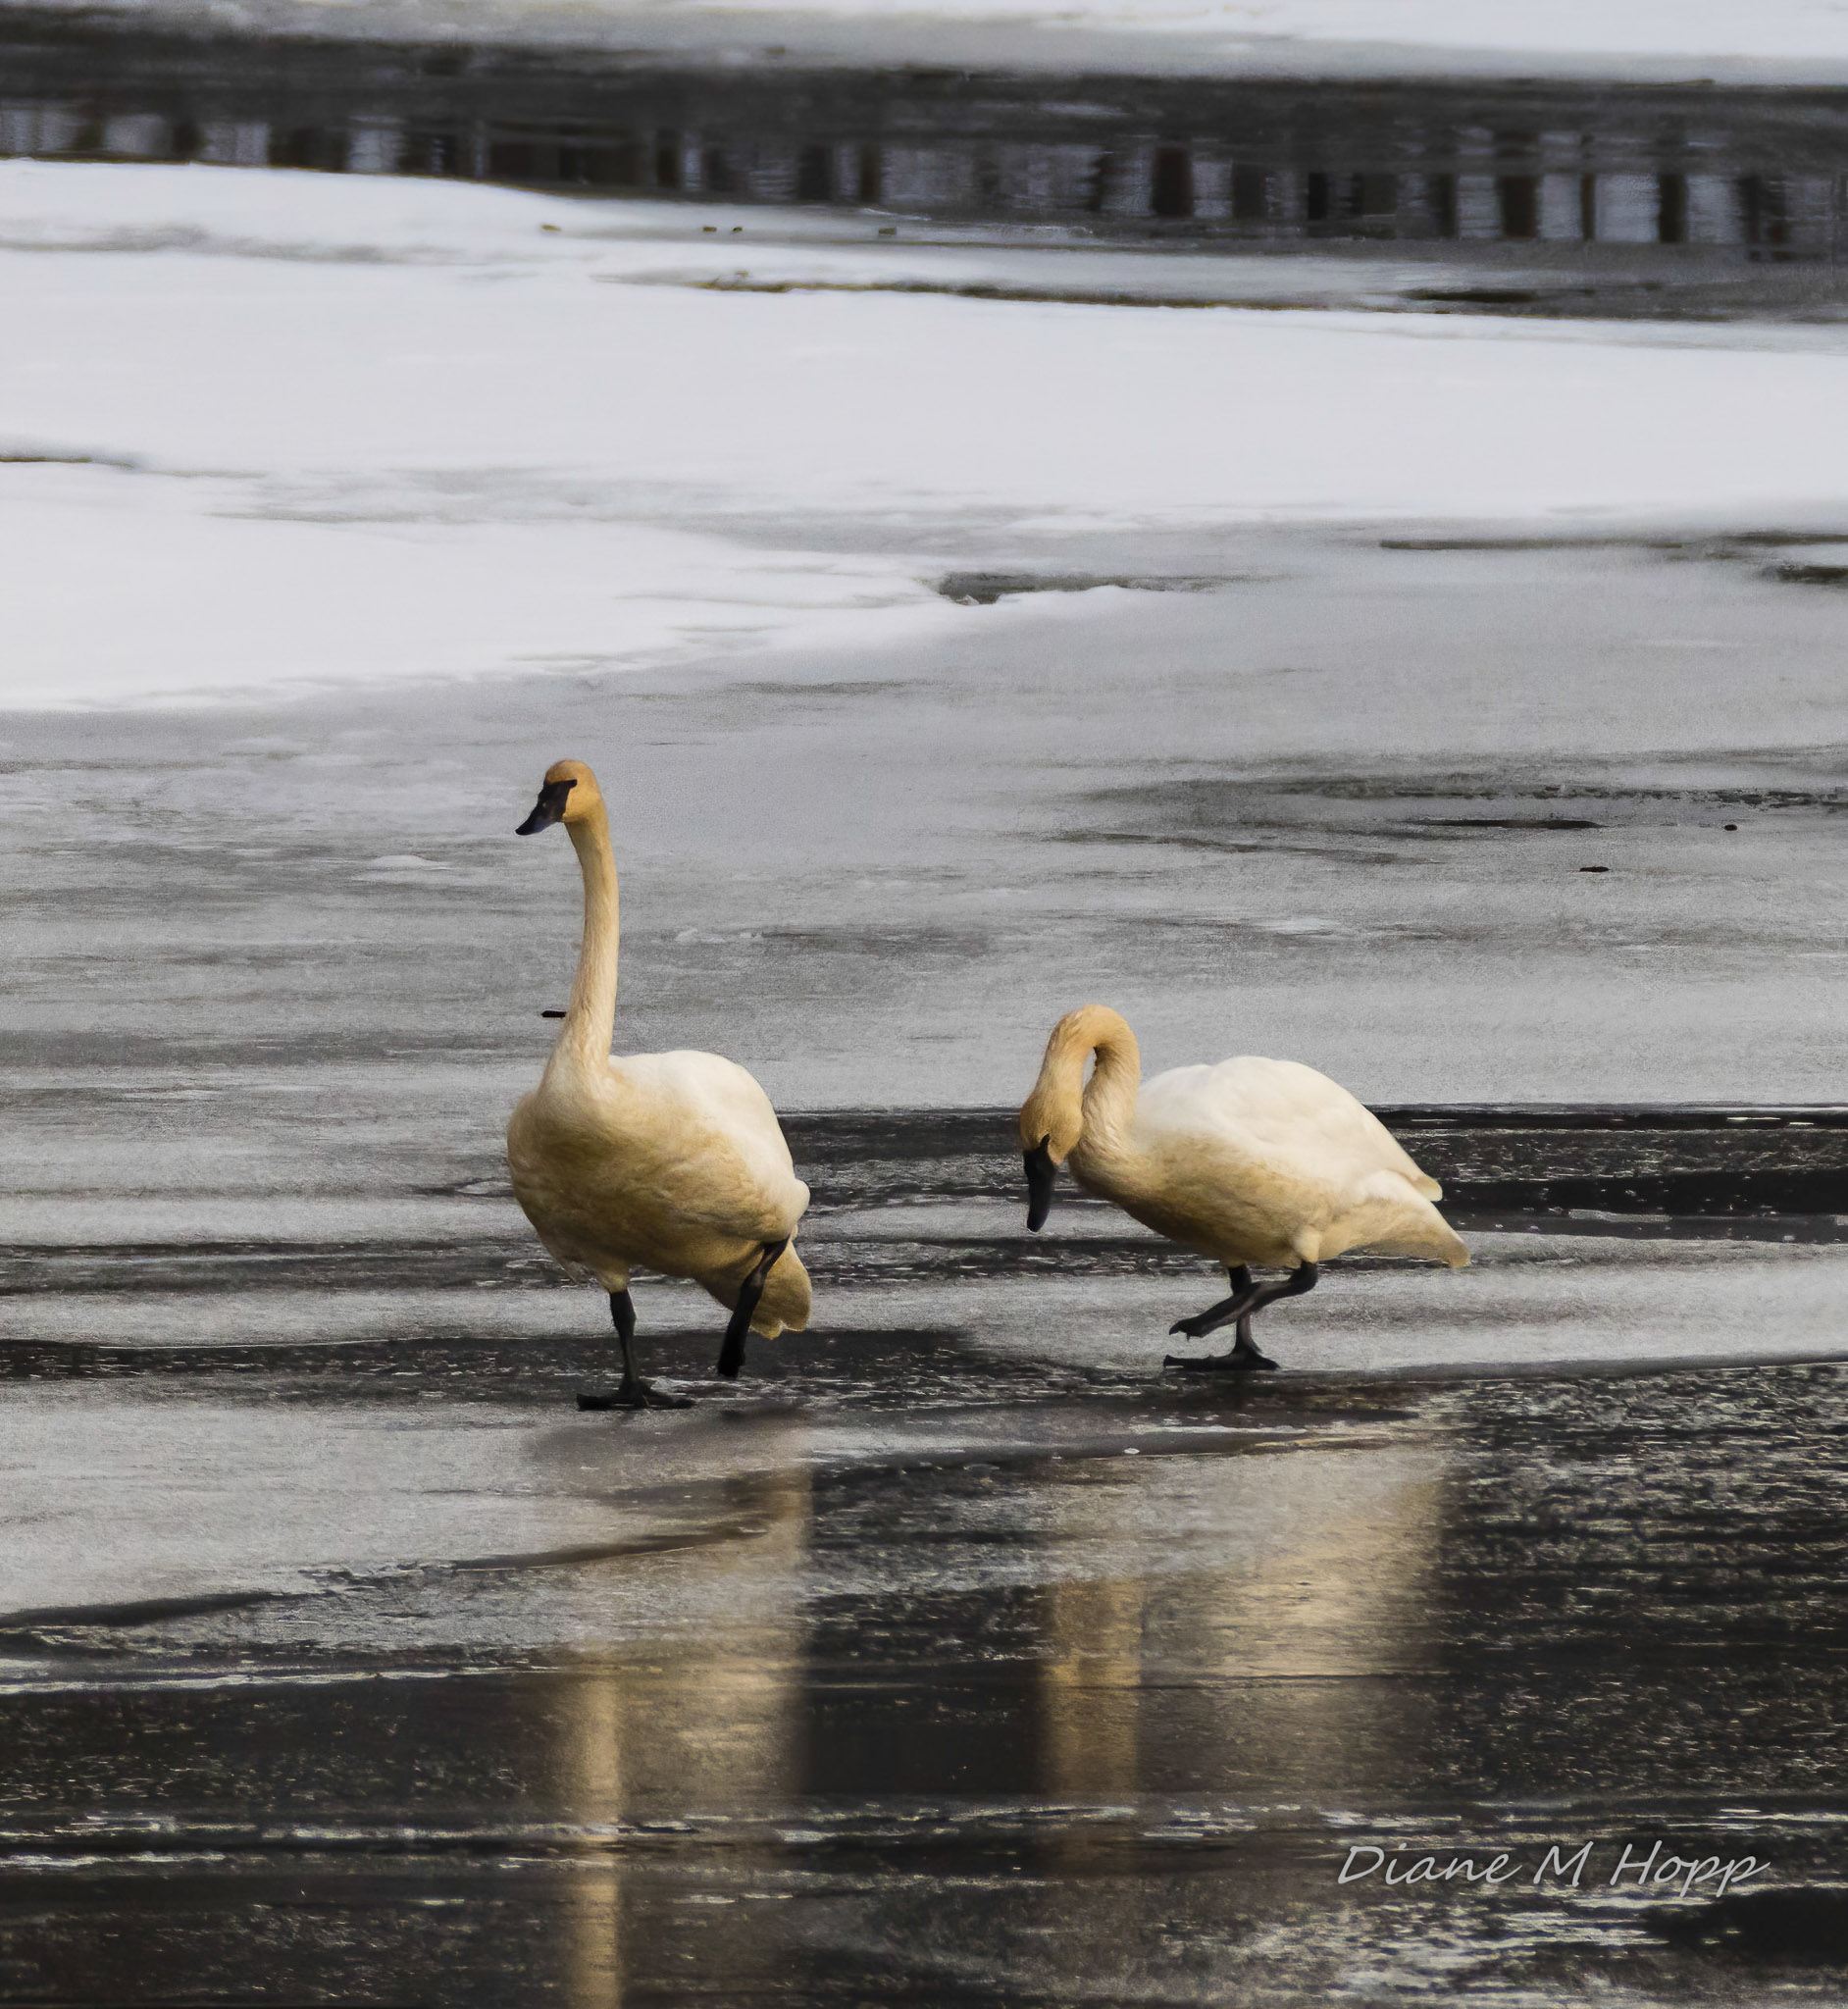 Swans on Ice - DMHopp